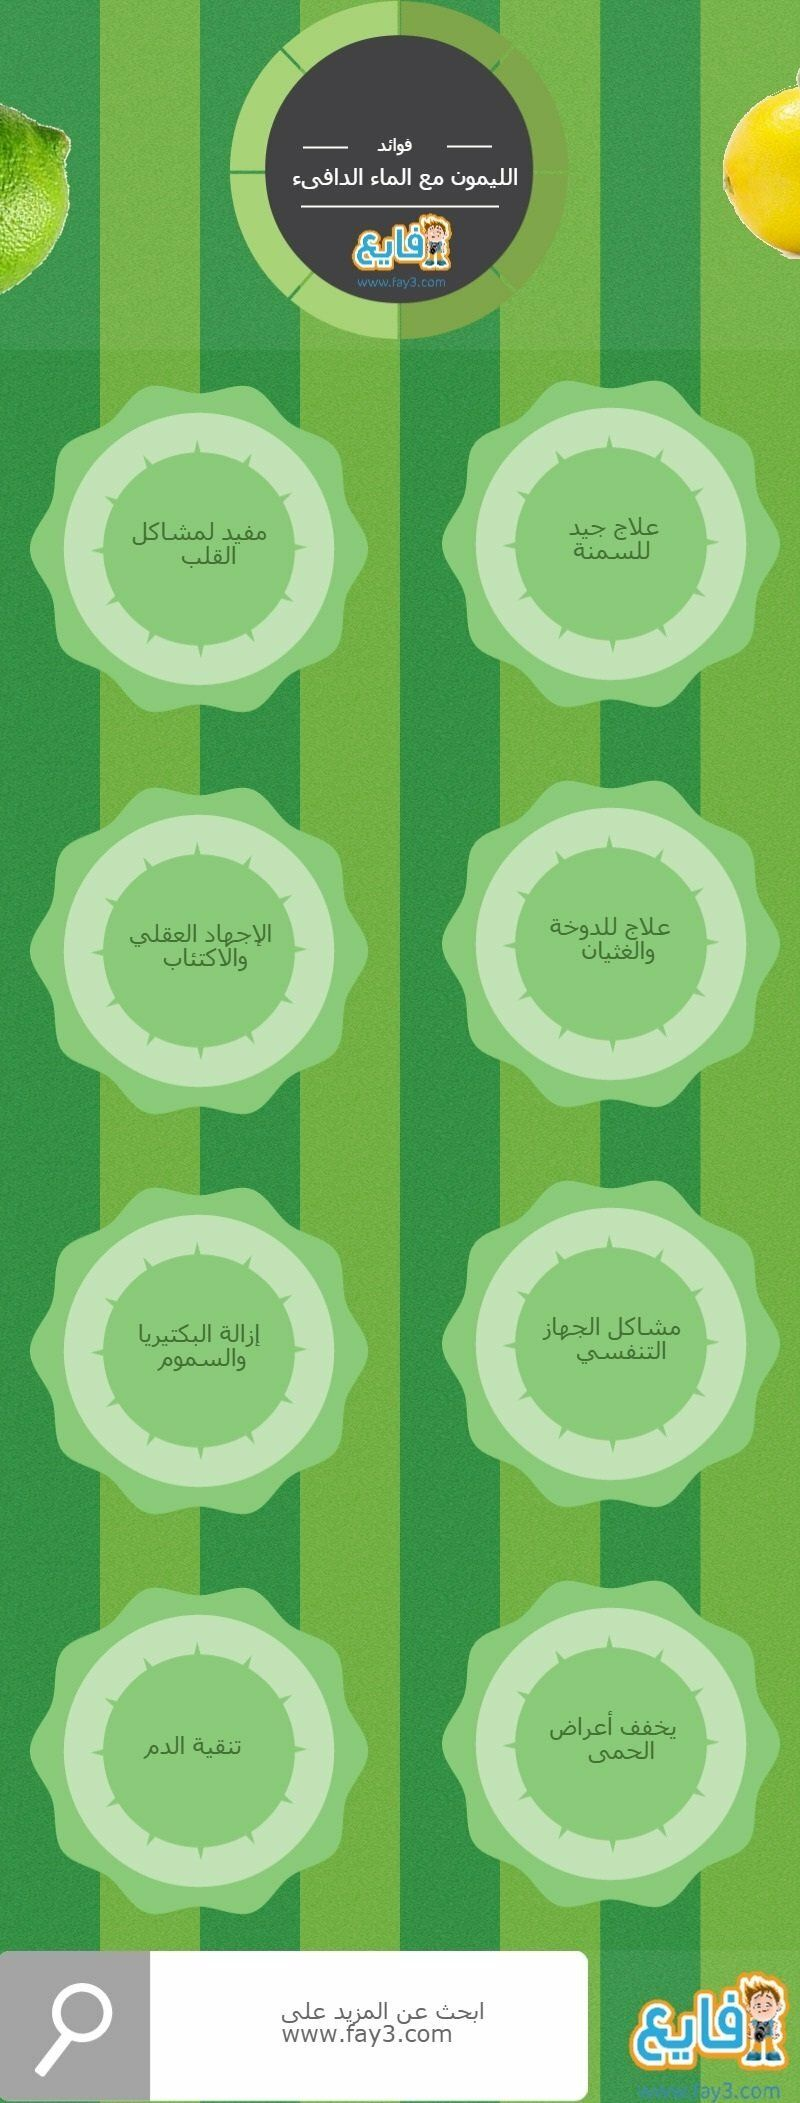 فوائد الليمون مع الماء الدافىء انفوجرافيك صحة تخسيس Health Info Health Infographic